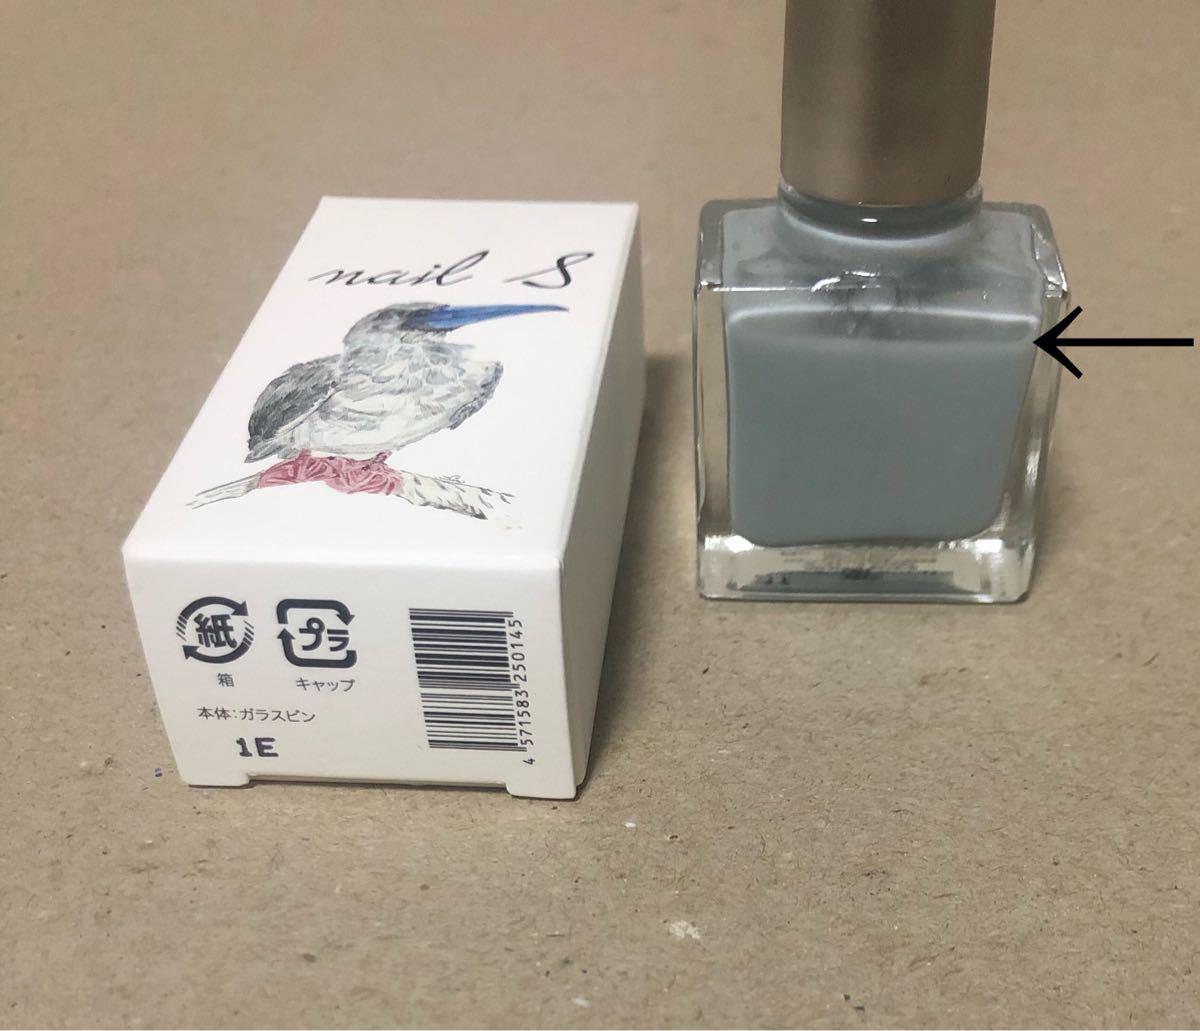 ネイルエス crystallake クリスタルレイク くろねこ ネイルカラー ネイルポリッシュ マニキュア